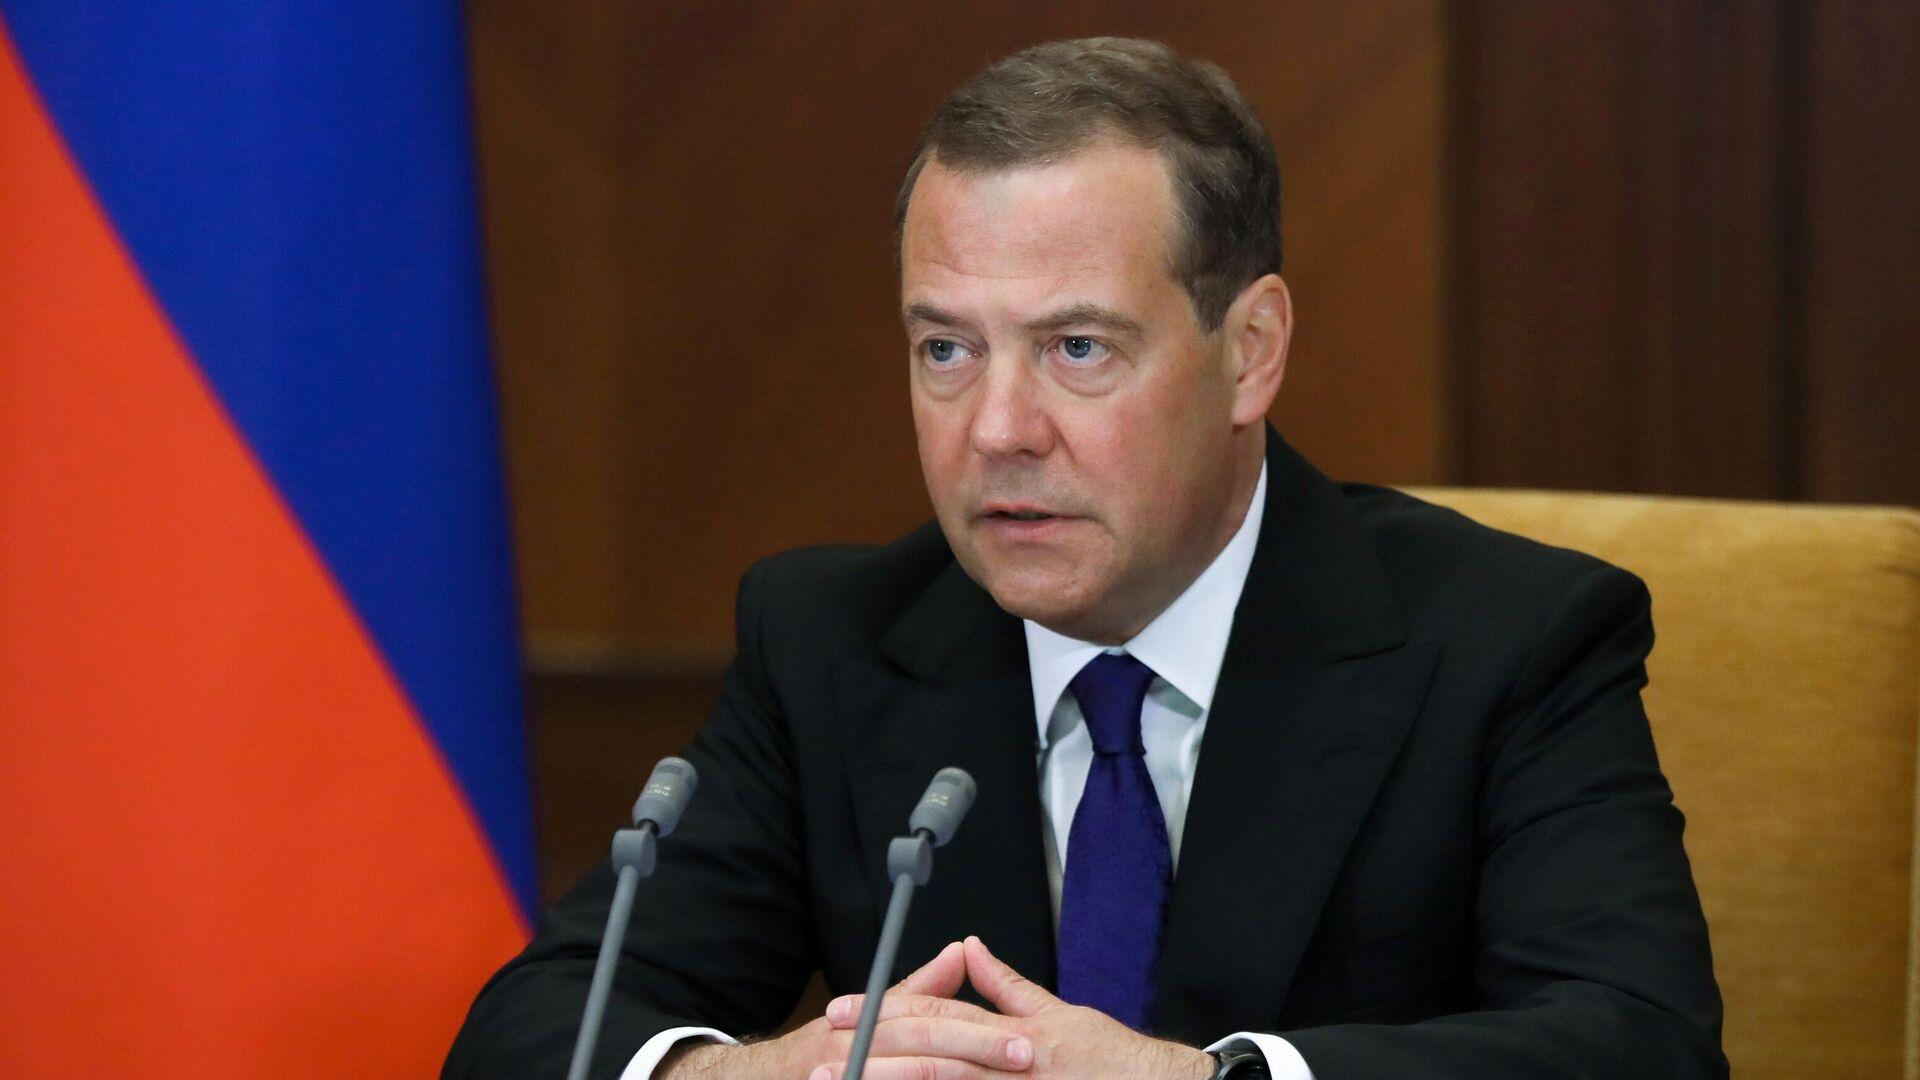 Медведев примет участие во встрече Путина с лидерами партий